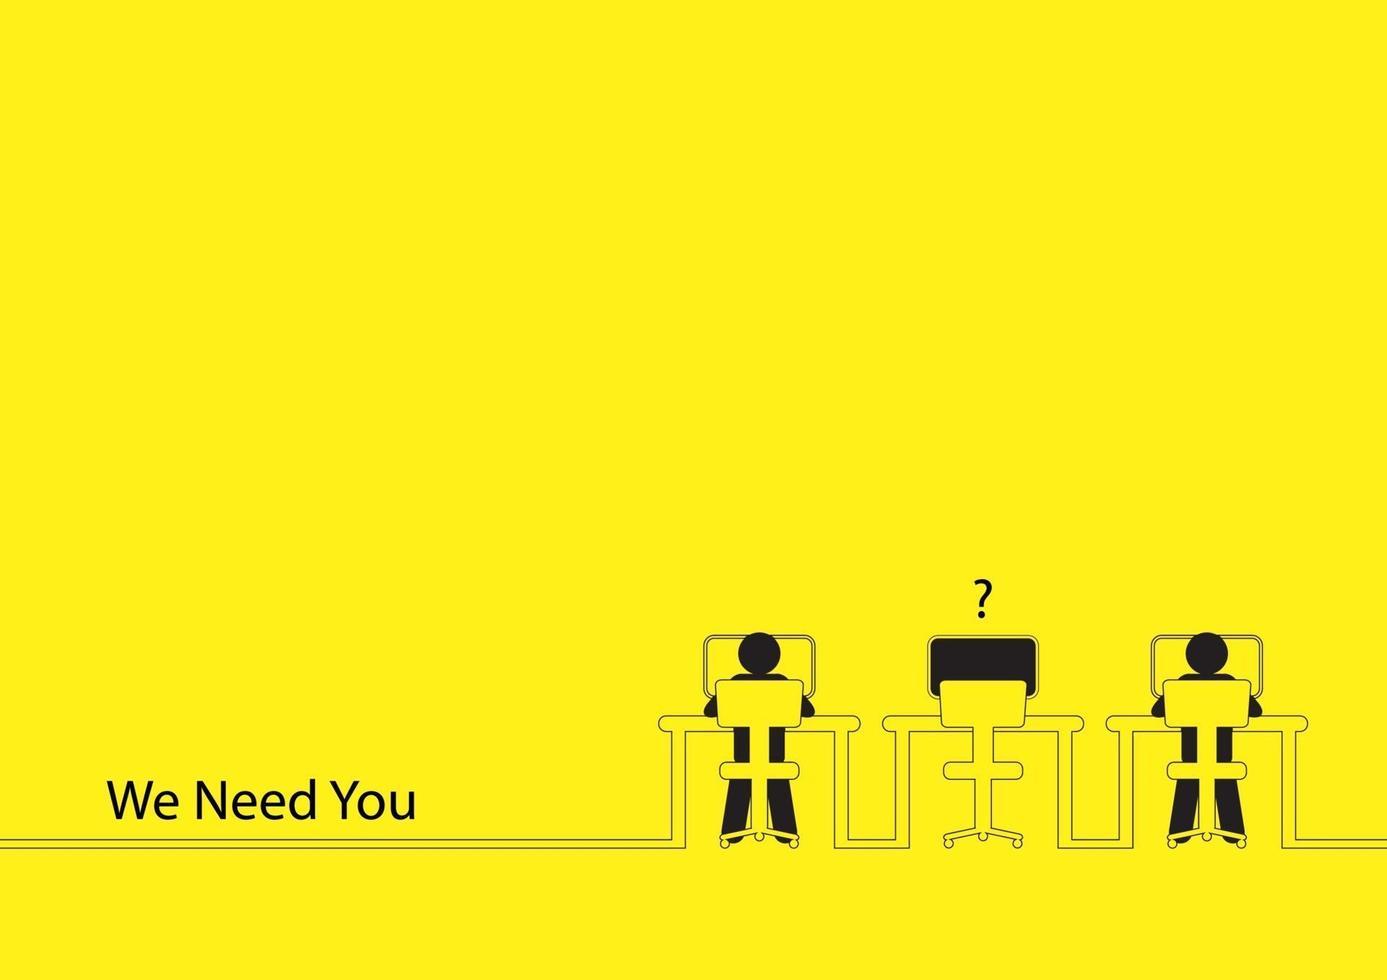 ilustração da arte de linha de duas pessoas trabalhando nos computadores com uma mesa vazia. vaga de emprego, novo recrutamento, trainee, ocupação, tema de busca de emprego vetor